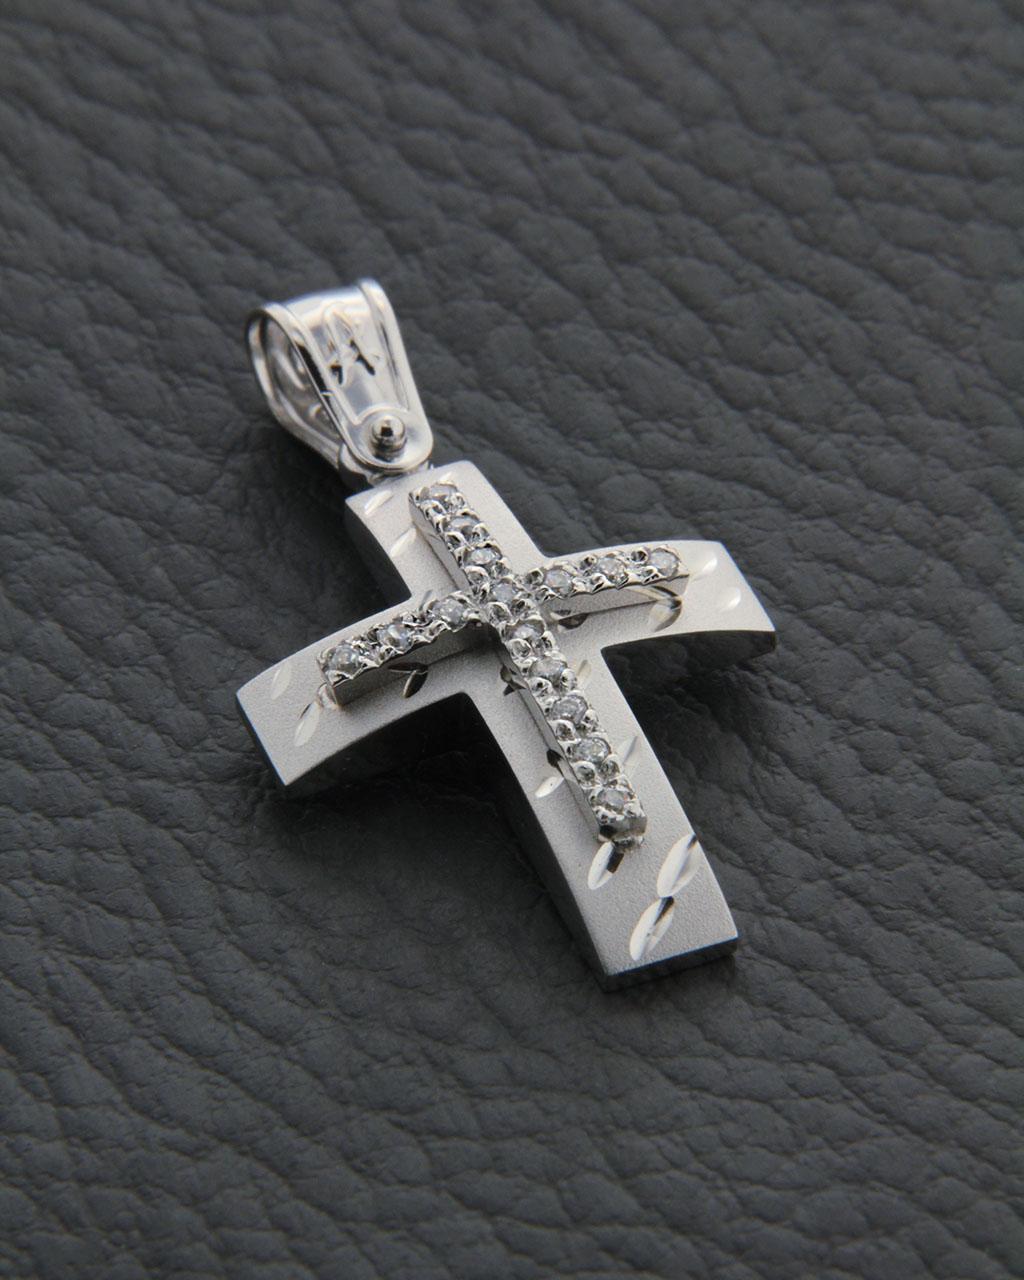 Σταυρός λευκόχρυσος Κ14 με Ζιργκόν   παιδι βαπτιστικοί σταυροί βαπτιστικοί σταυροί για κορίτσι